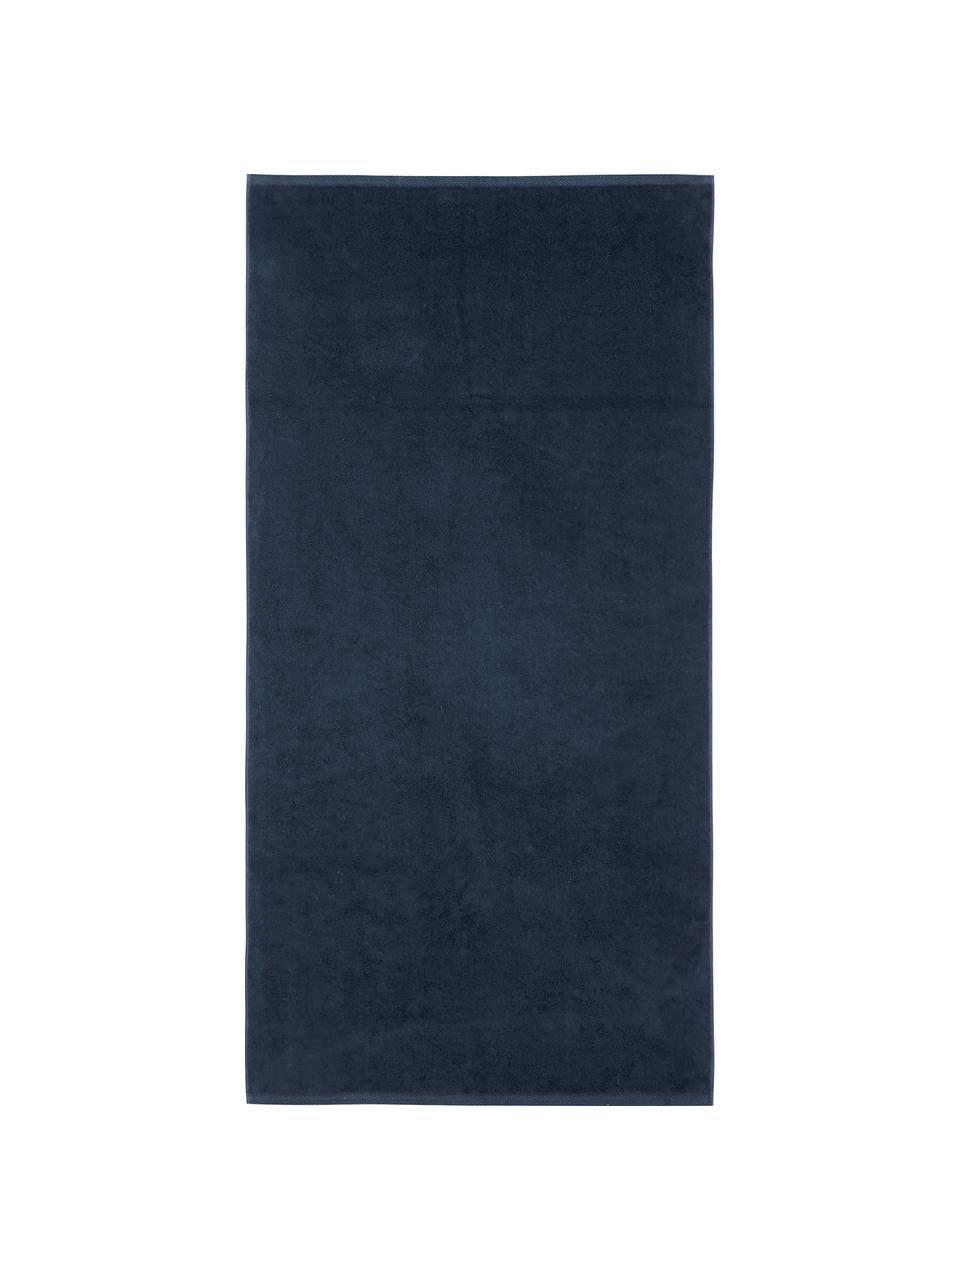 Set 3 asciugamani in tinta unita Comfort, Blu scuro, Set in varie misure